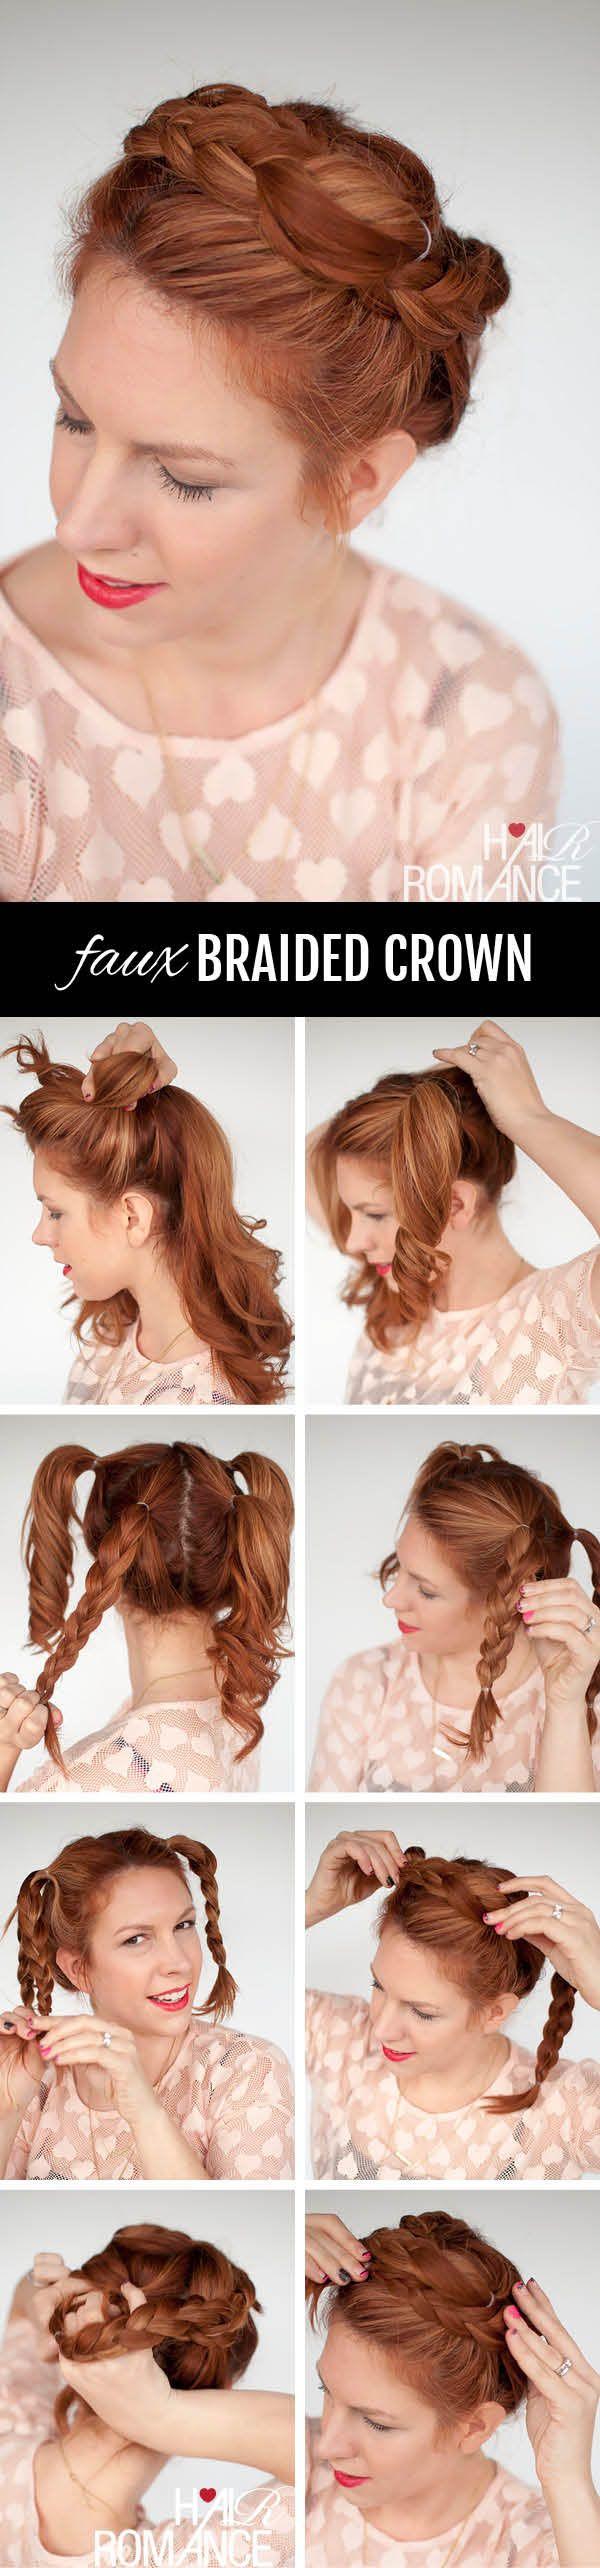 Braid cheat – faux braided crown hairstyle tutorial